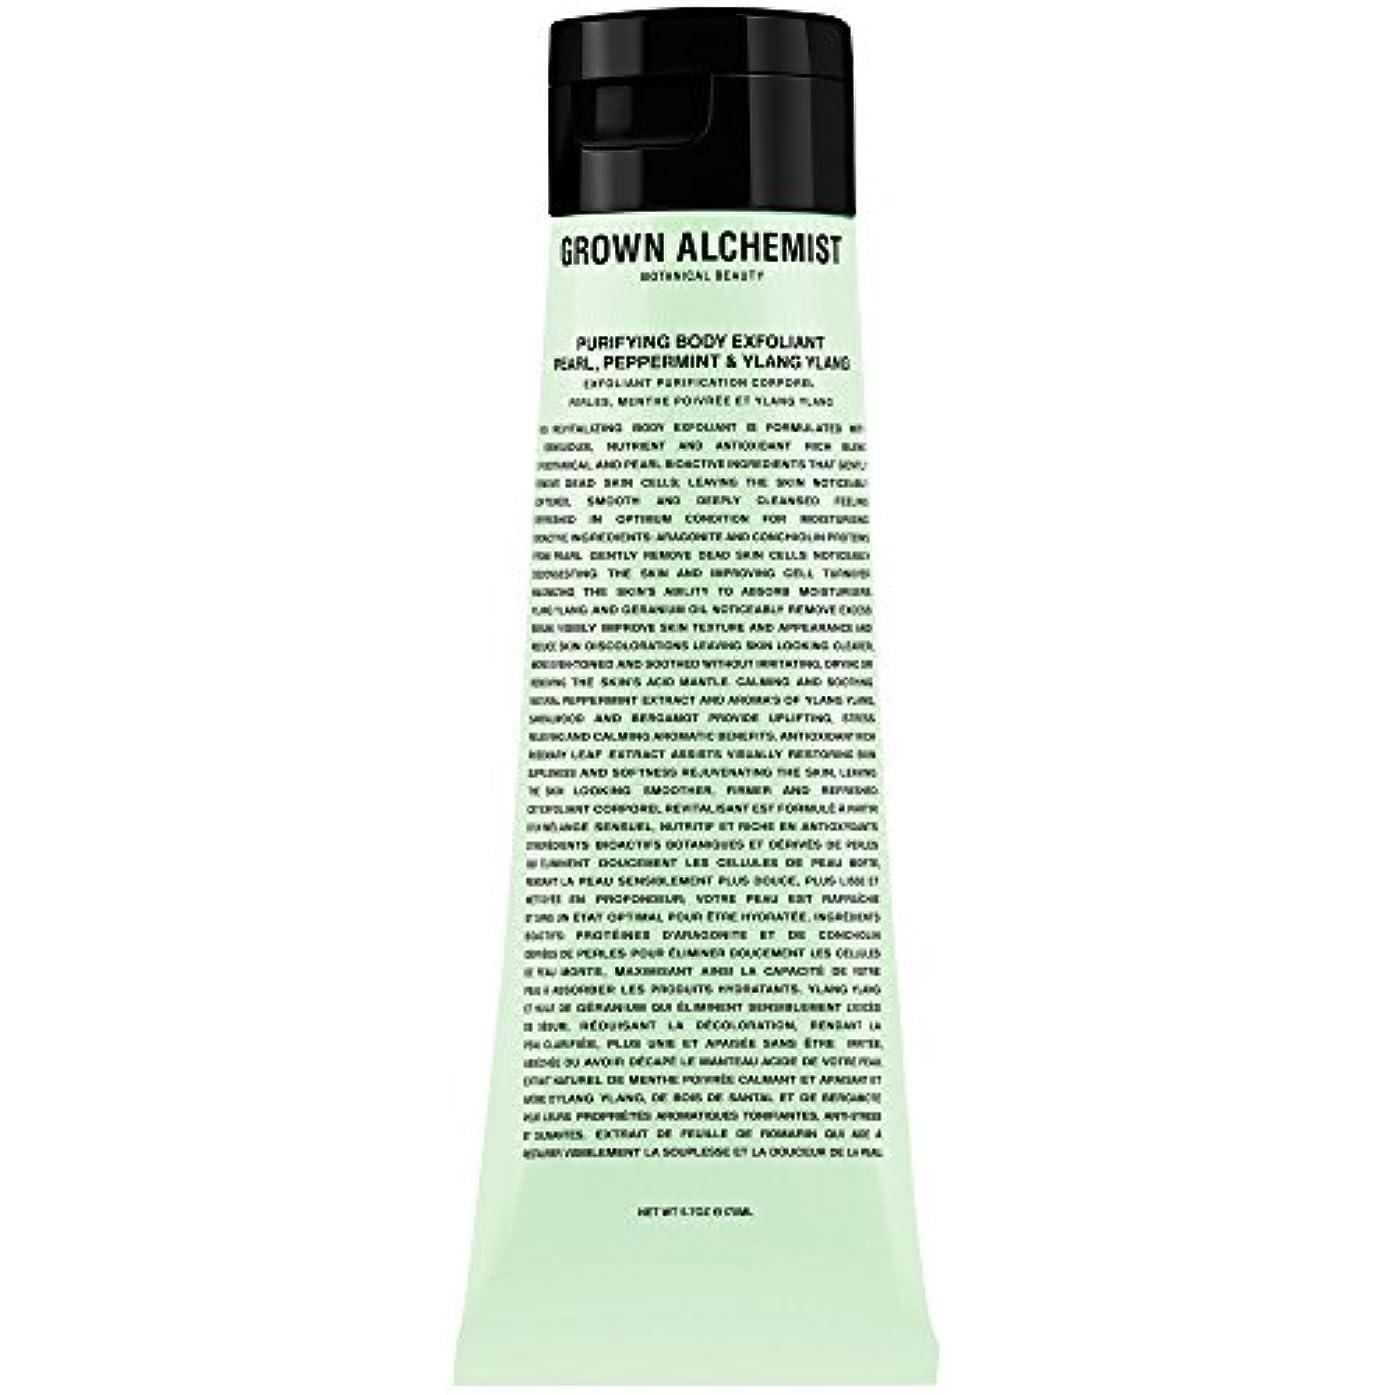 流体体細胞アクセシブル成長した錬金術師浄化体剥脱真珠ペパーミント&イランイラン170ミリリットル (Grown Alchemist) (x6) - Grown Alchemist Purifying Body Exfoliant Pearl...